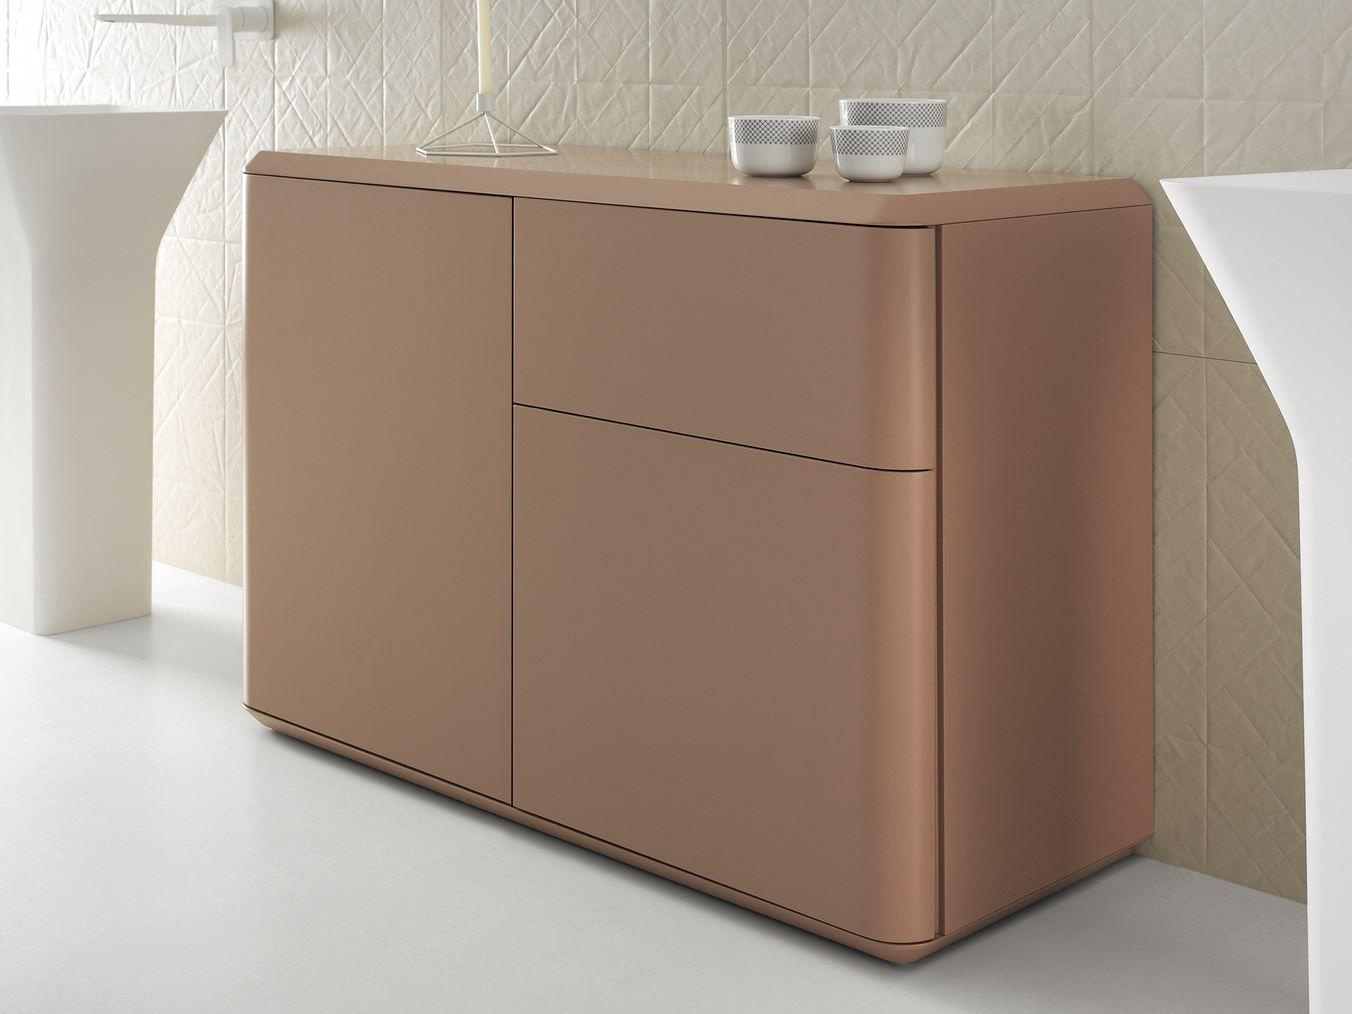 Fluent meuble pour salle de bain by inbani design arik levy for Meuble salle de bain avec porte